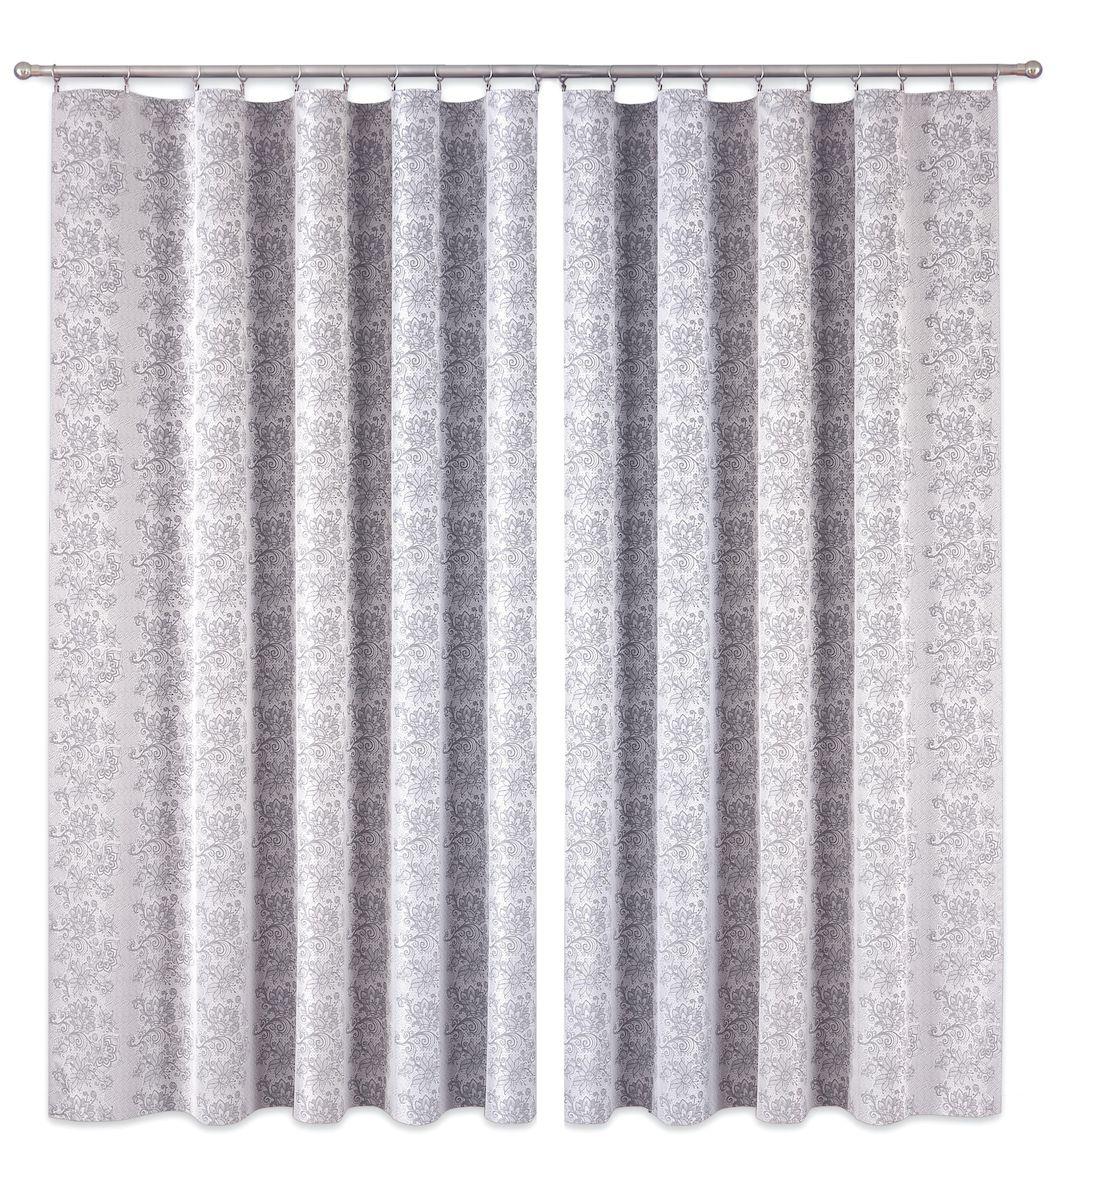 Комплект штор P Primavera Firany, цвет: серый, высота 260 см. 11100161110016Комплект штор из полиэстровой жаккардовой ткани с пришитой шторной лентой. Размер - ширина 180 см высота 260см. Набор 2 штуки. Цвет серый. Размер: ширина 180 х высота 260